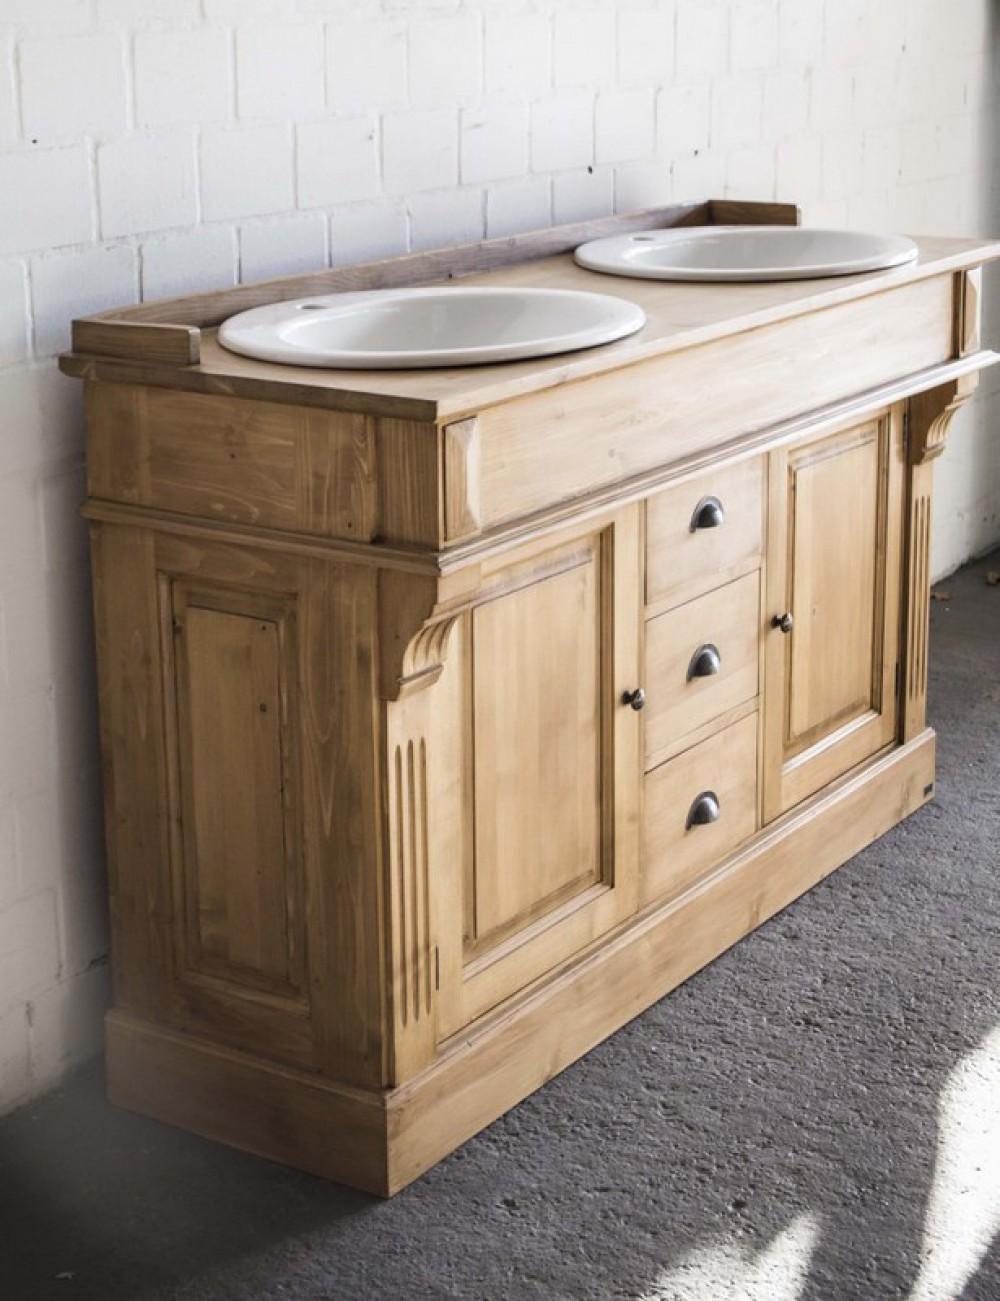 waschtisch doppelwaschtisch im landhausstil spiegel optional bad waschtische badm bel. Black Bedroom Furniture Sets. Home Design Ideas